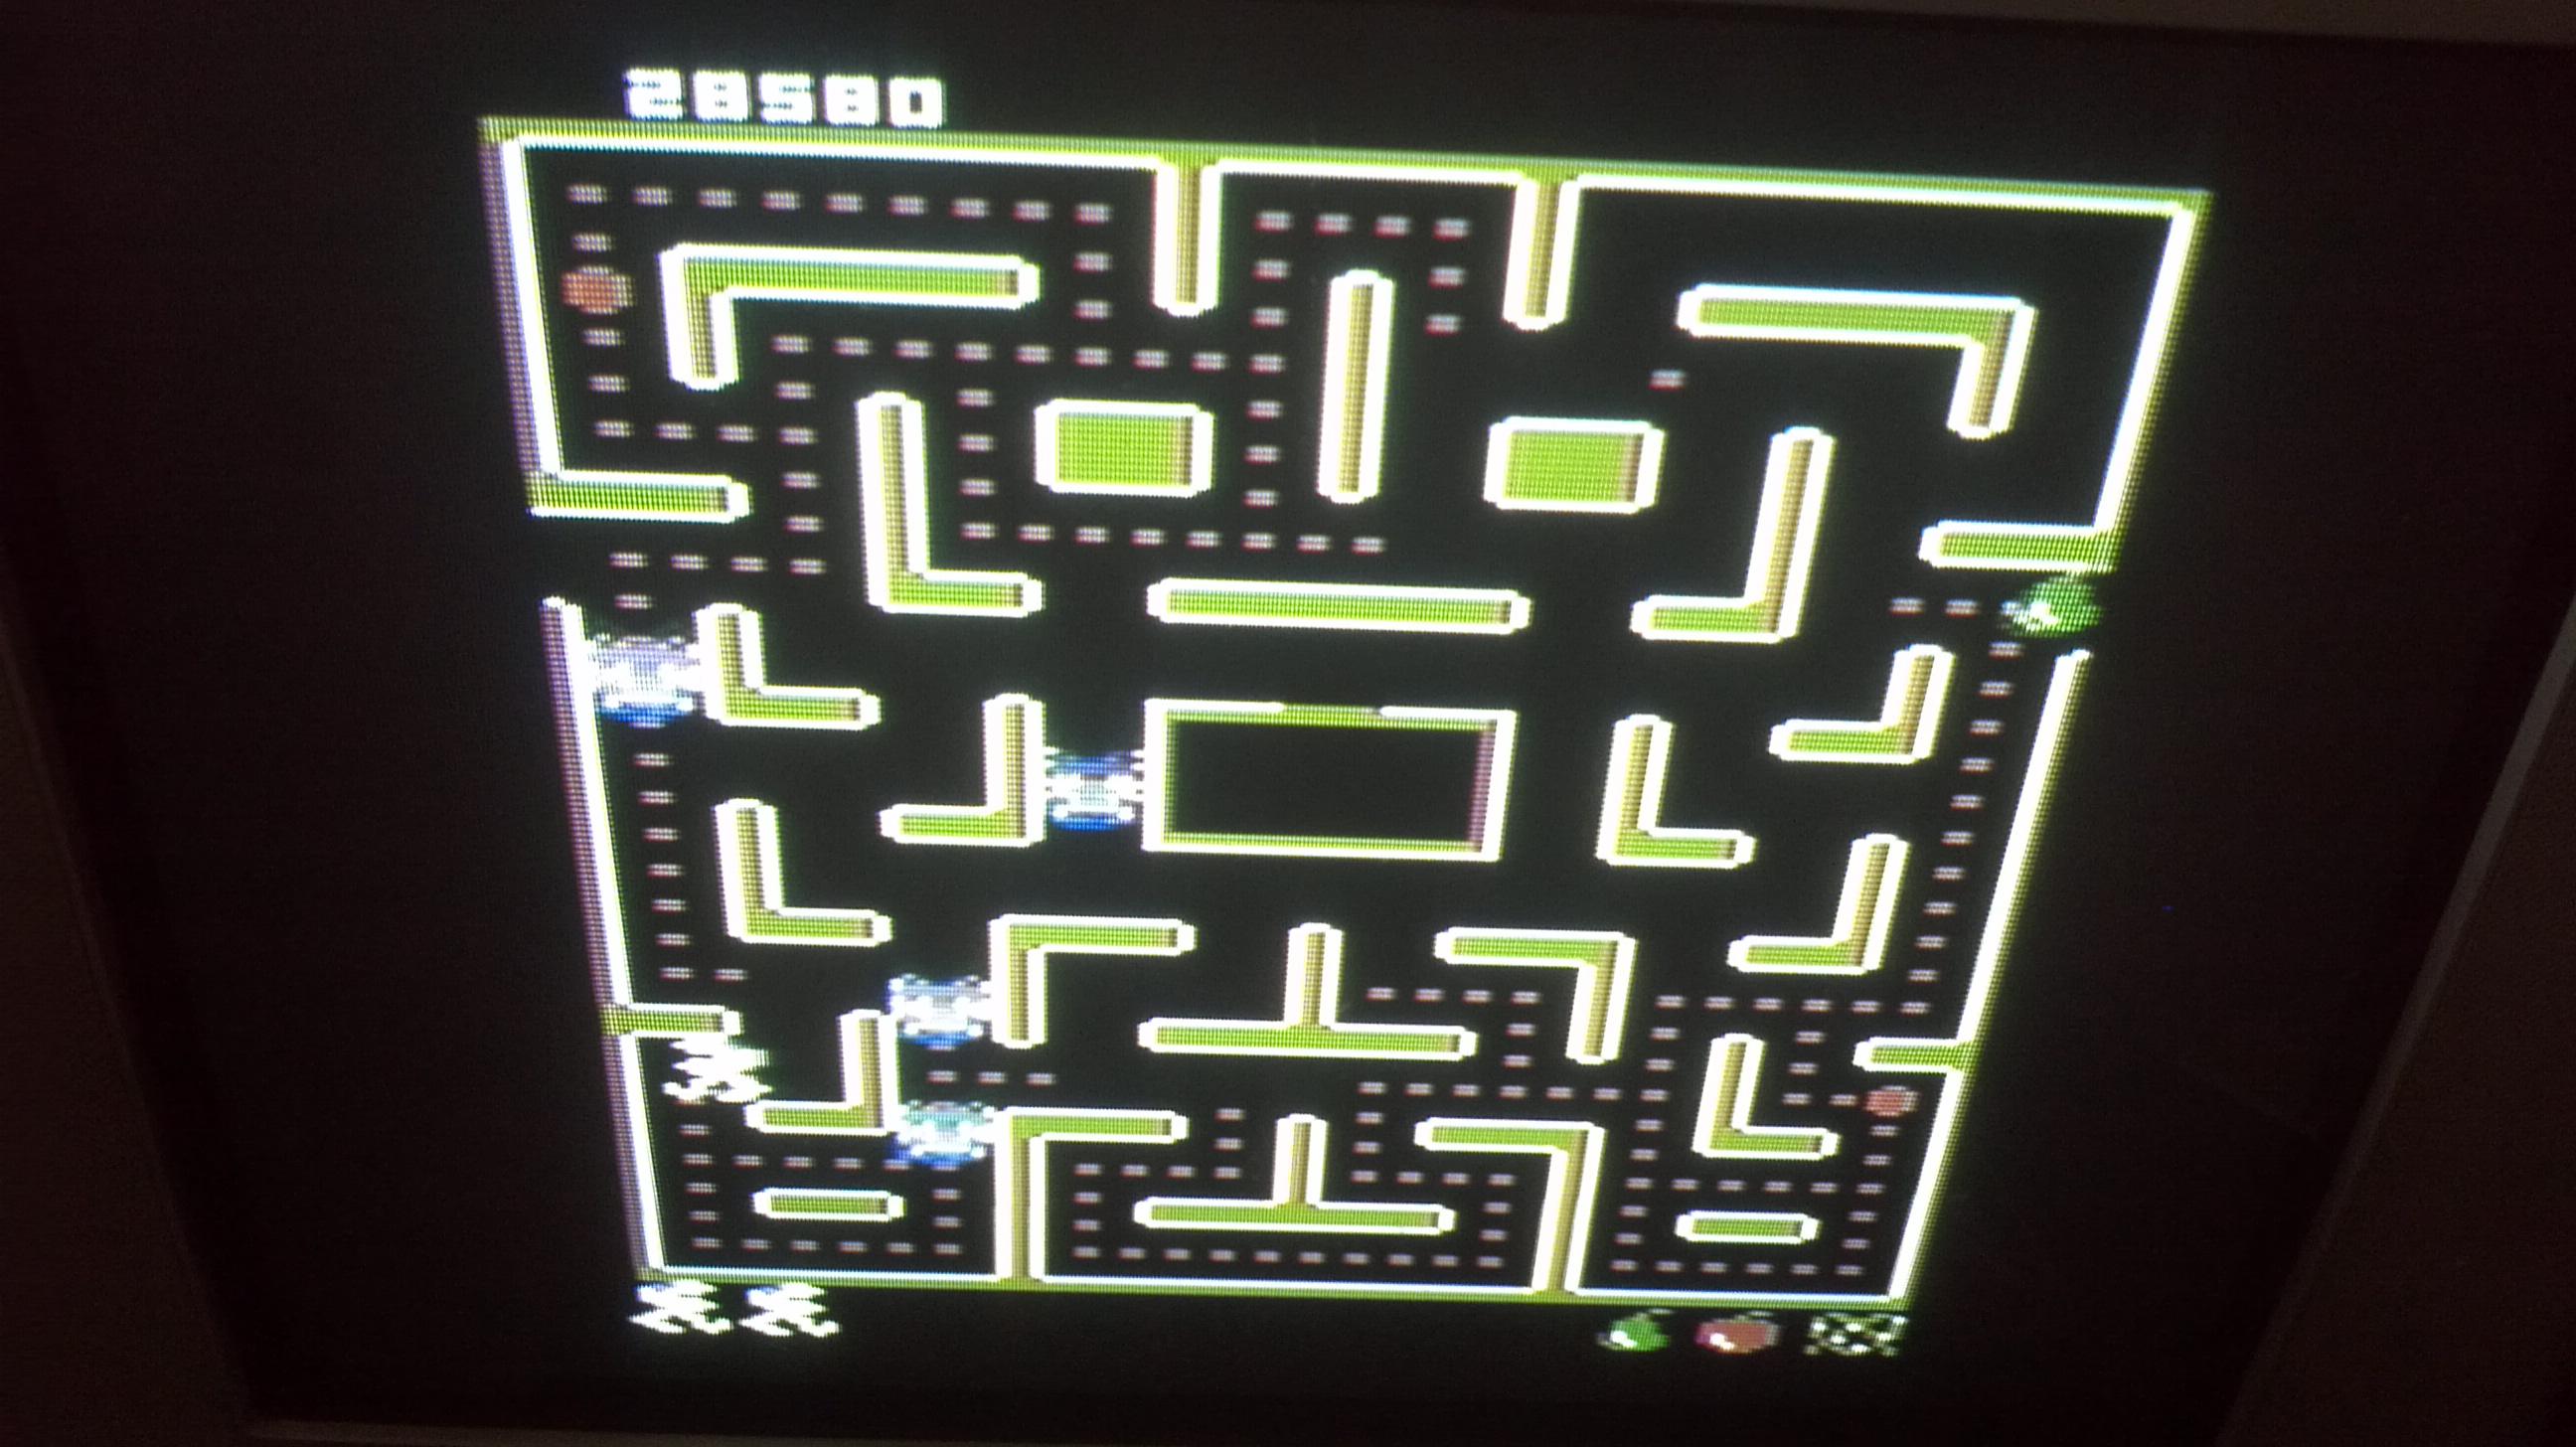 Liduario: Crazy Otto [Pretzel Start] (Atari 7800) 28,580 points on 2014-05-01 12:36:32